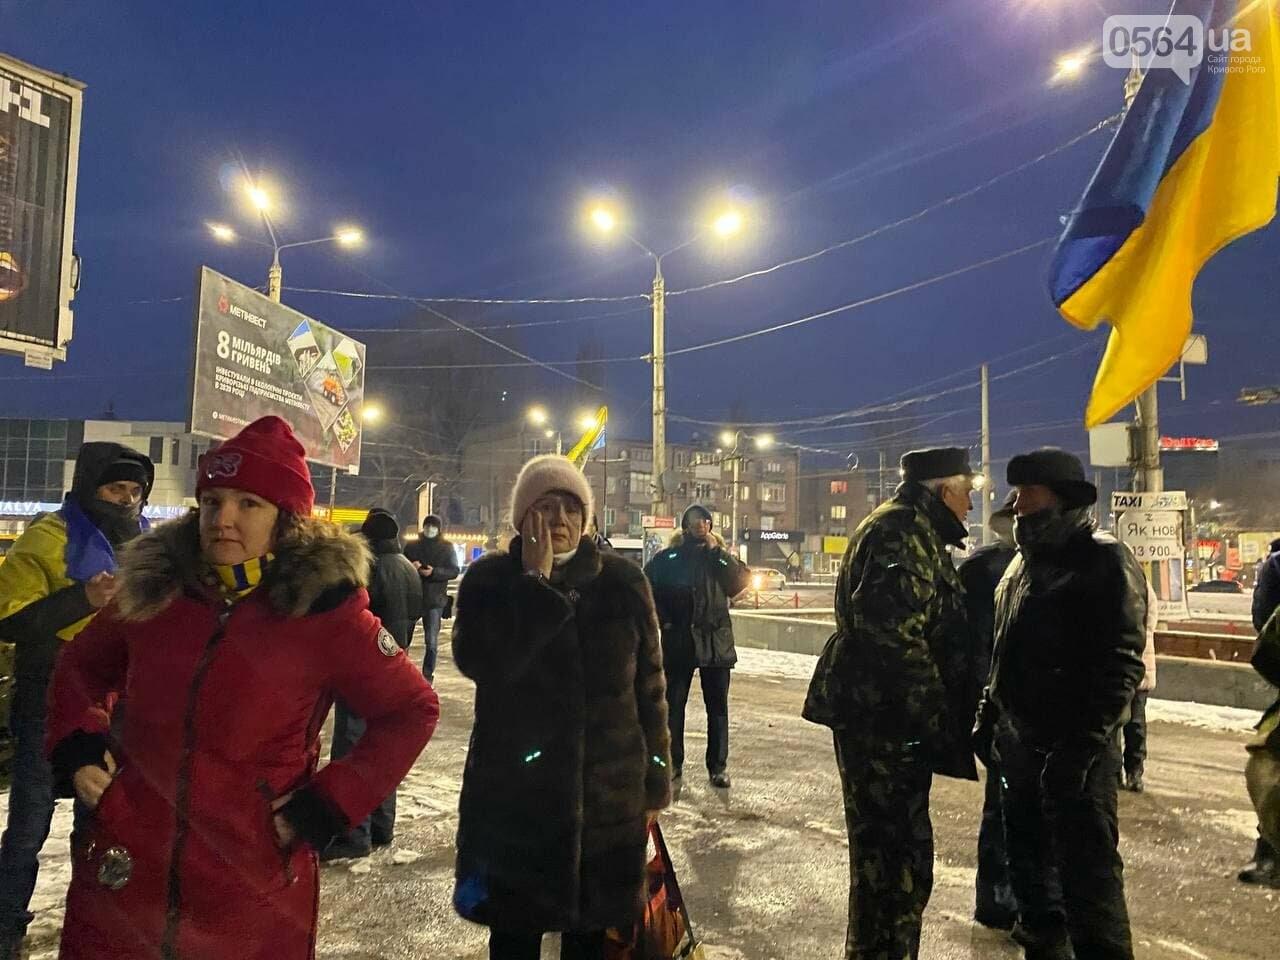 В Кривом Роге горожане вышли на митинг-реквием чтобы почтить память Героев Небесной Сотни, - ФОТО, ВИДЕО, фото-5